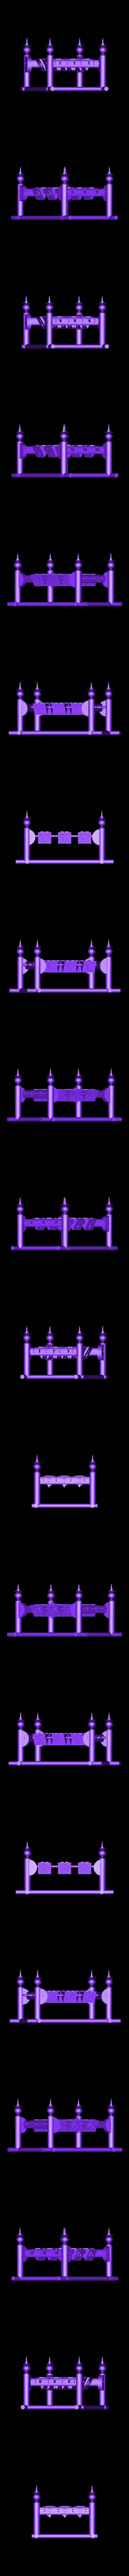 TAIMBAL2 DED 3 (2).obj Télécharger fichier OBJ gratuit Jeu de la quarantaine YOX • Modèle à imprimer en 3D, ronaldocc13